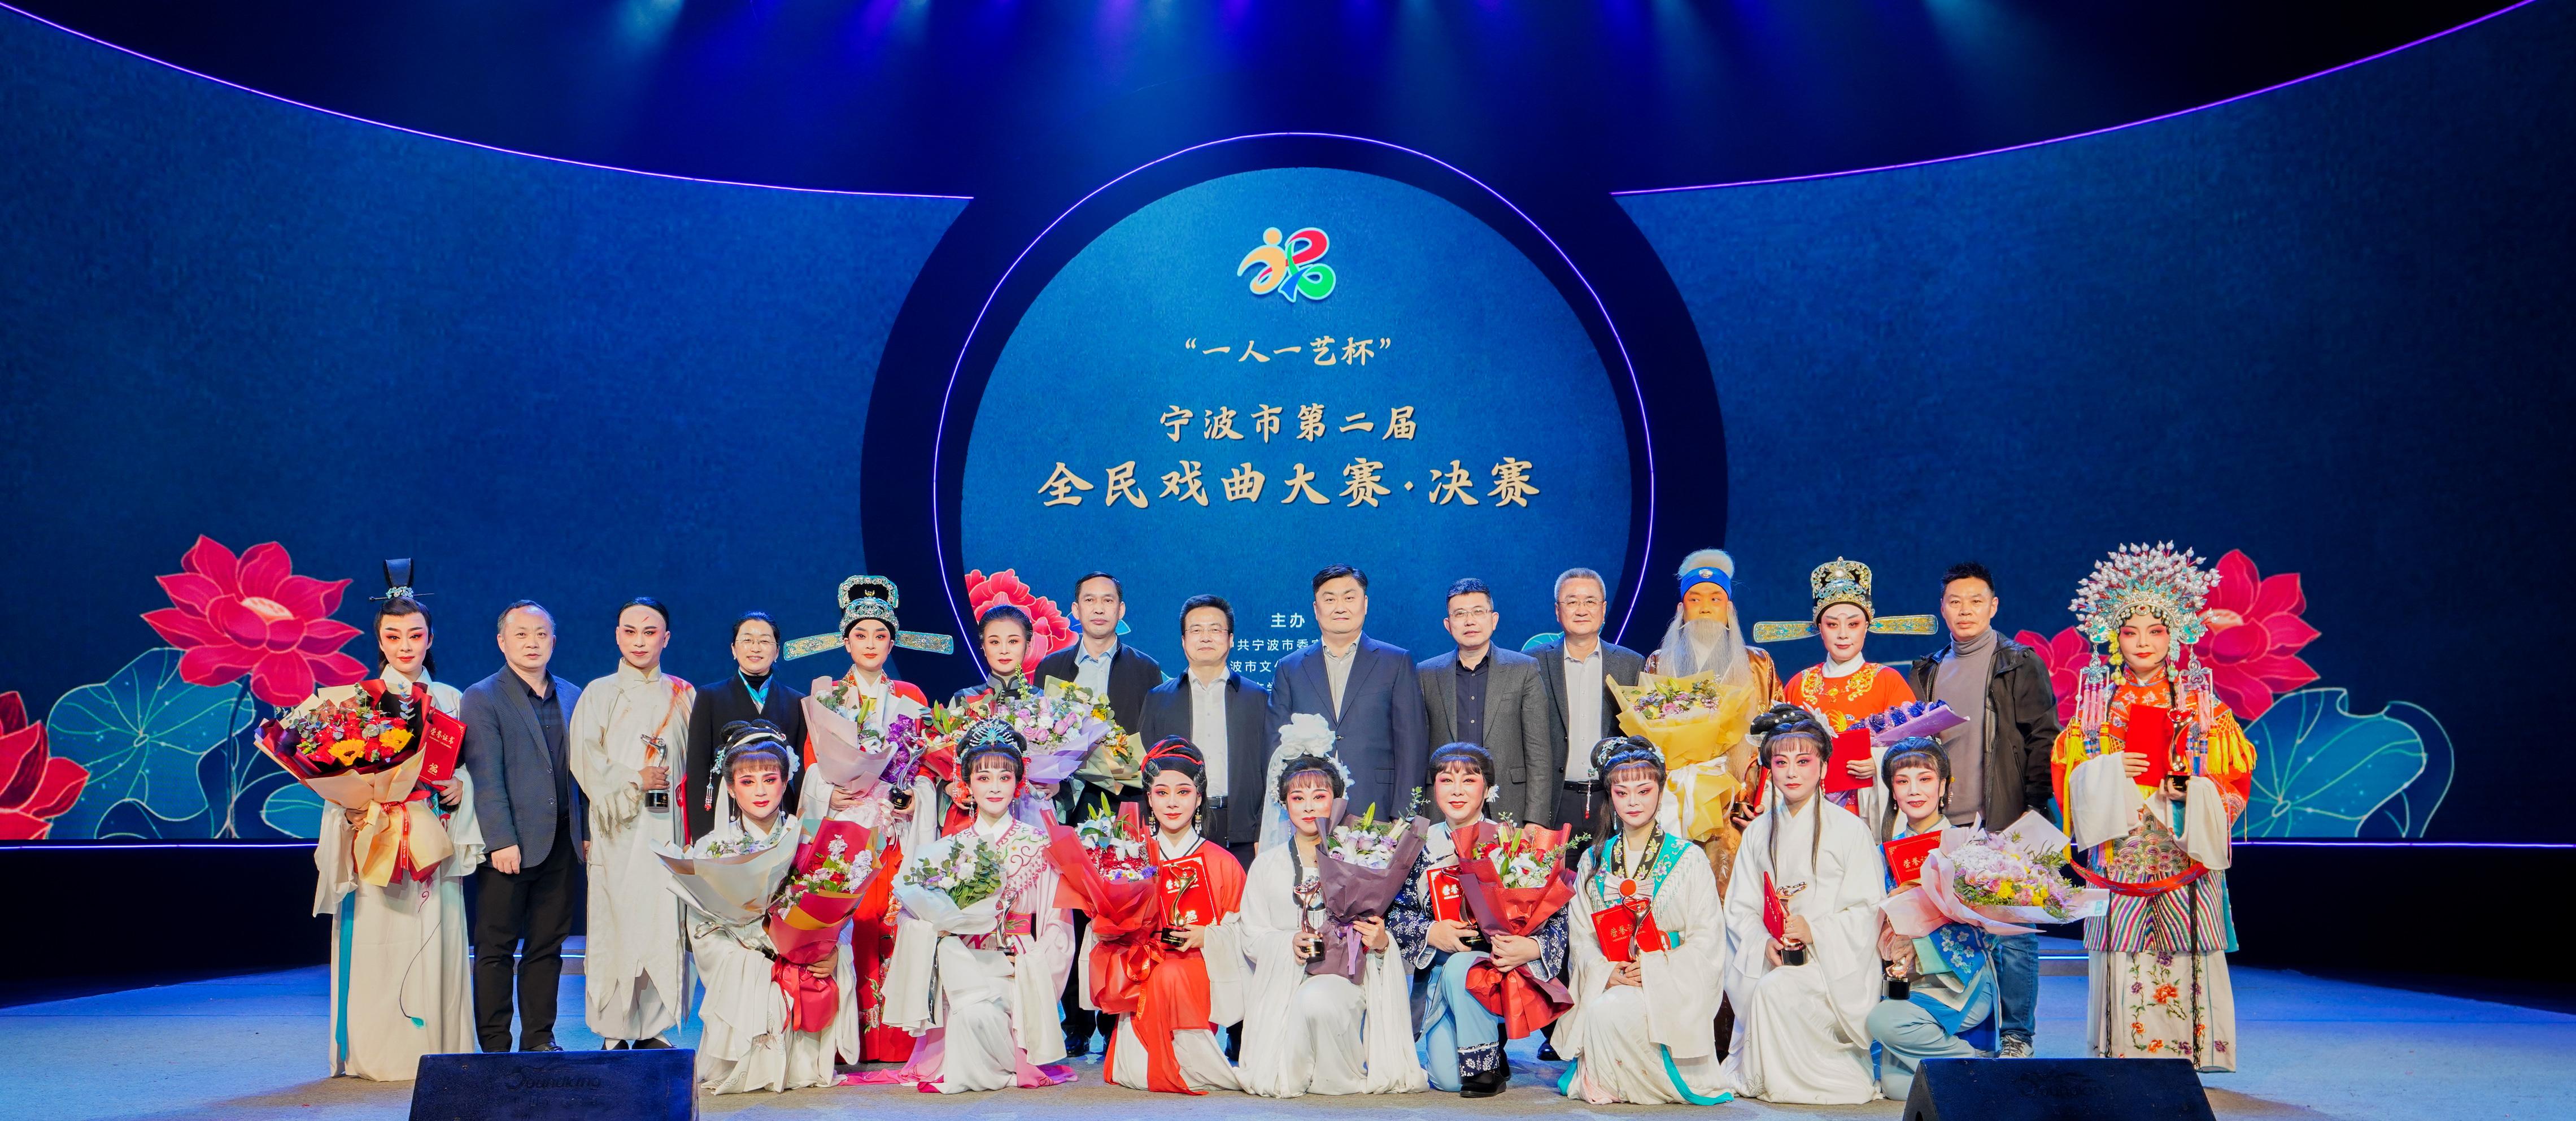 宁波市第二届全民戏曲大赛迎来巅峰对决,张海燕、史艳拔得头筹